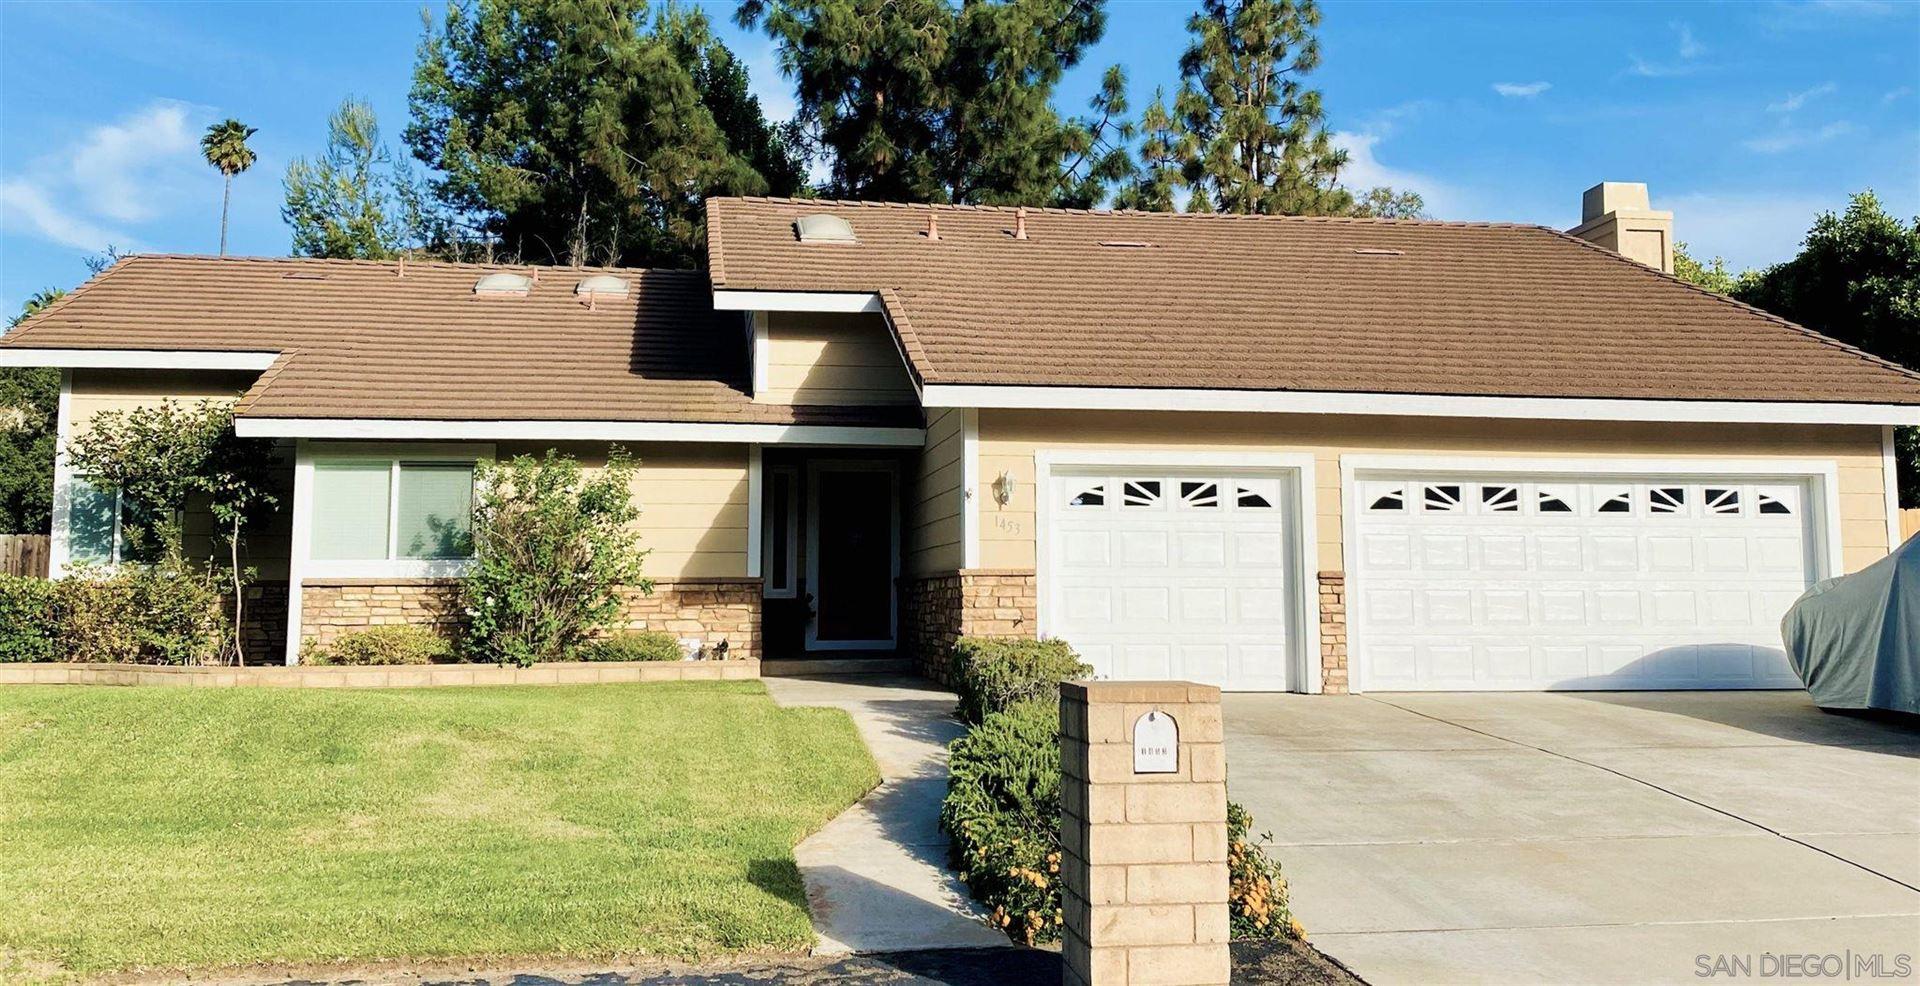 Photo of 1453 Vista Grande Road, El Cajon, CA 92019 (MLS # 210015865)